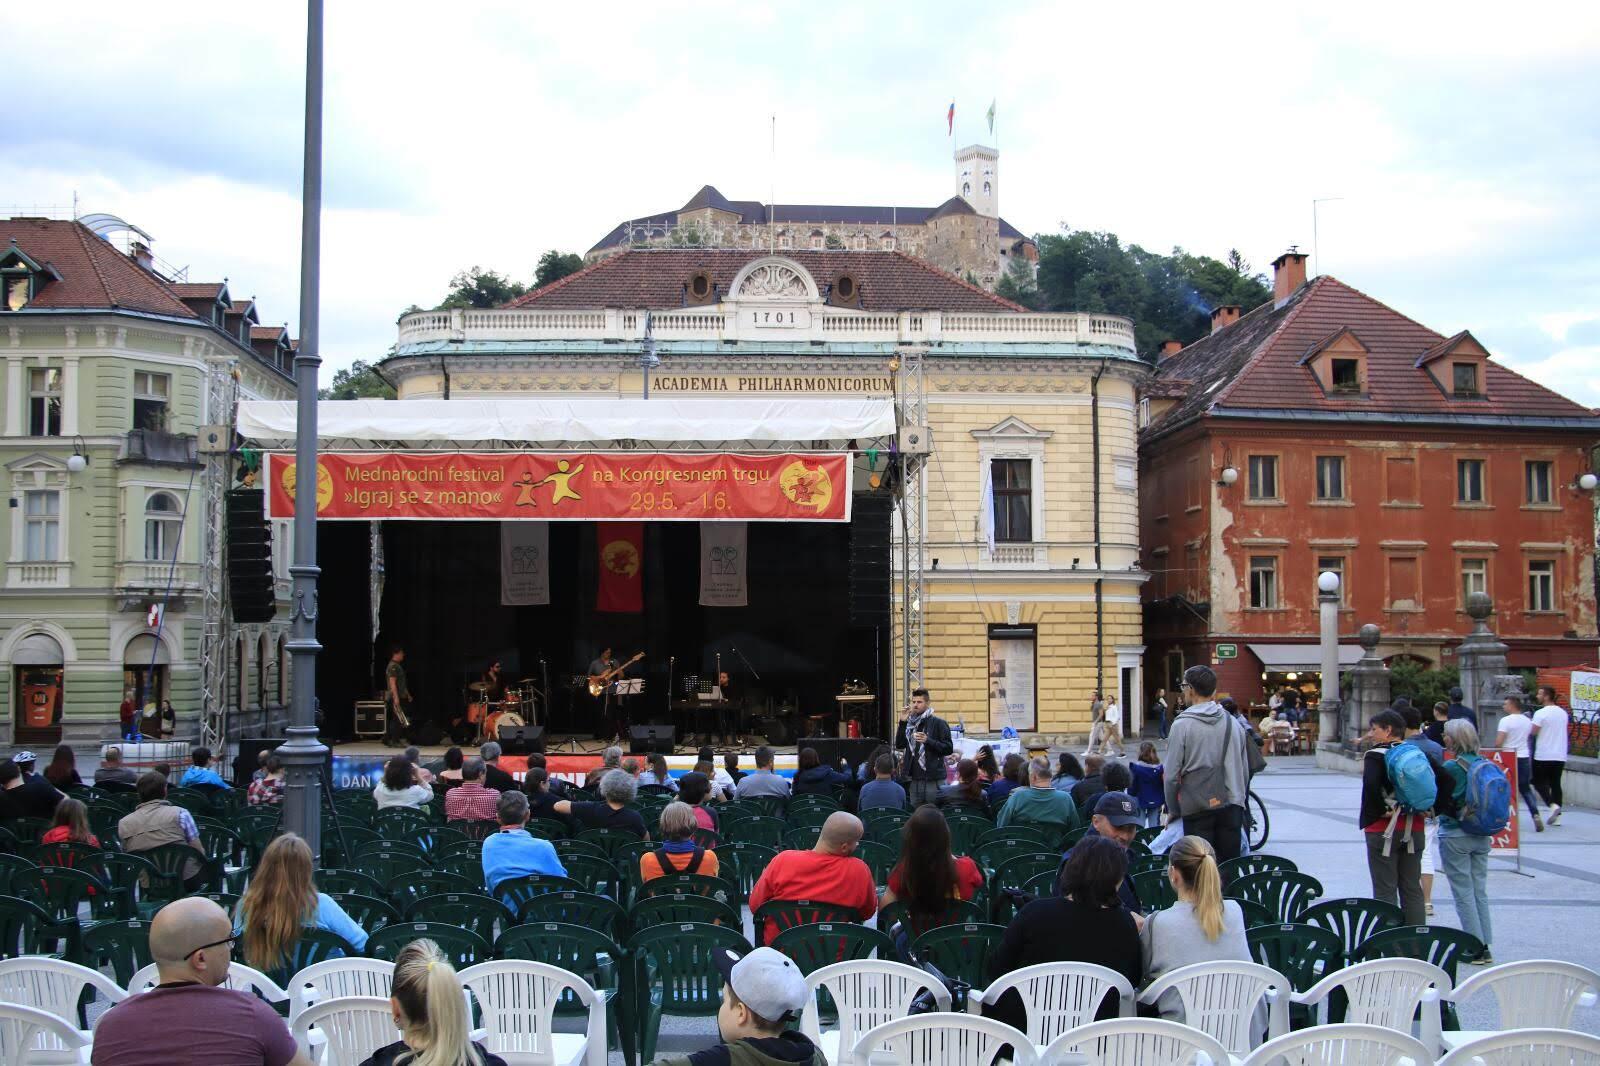 festival-igrajsezmano-ljubljana-2019-sobota-zvecer_10_batch